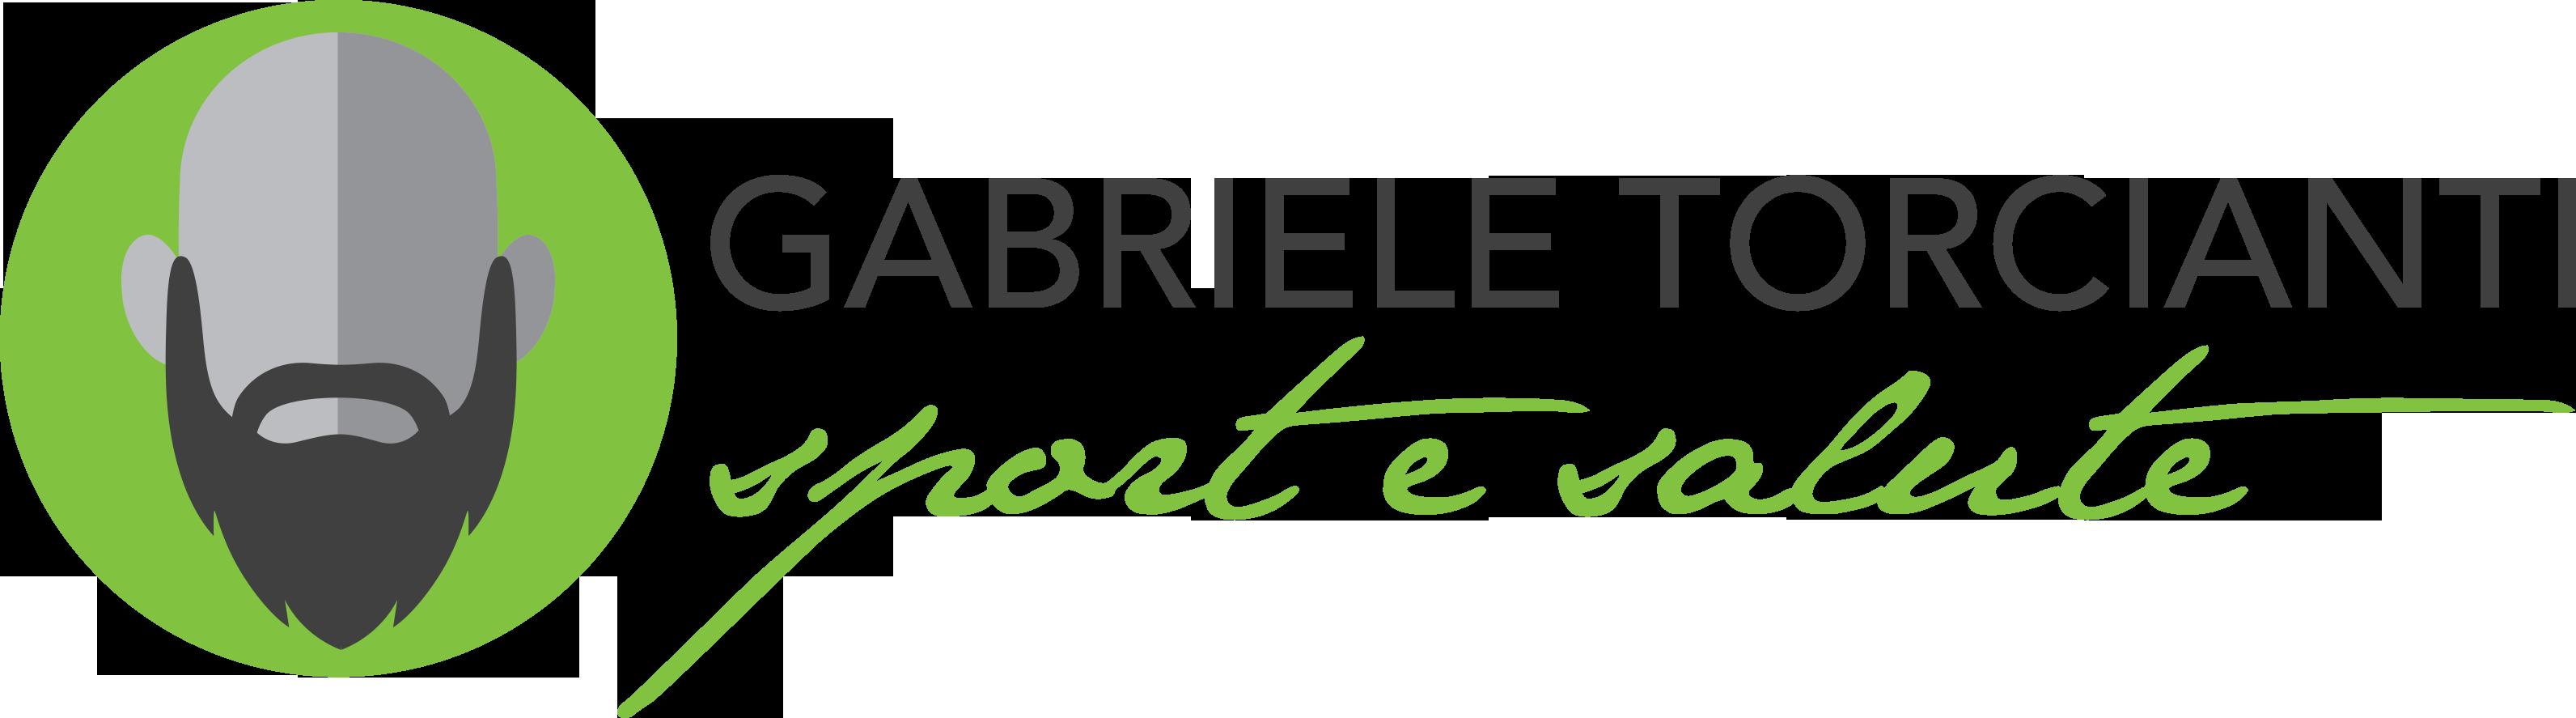 00_LOGO_GABRIELE_TORCIANTI def 2017-2